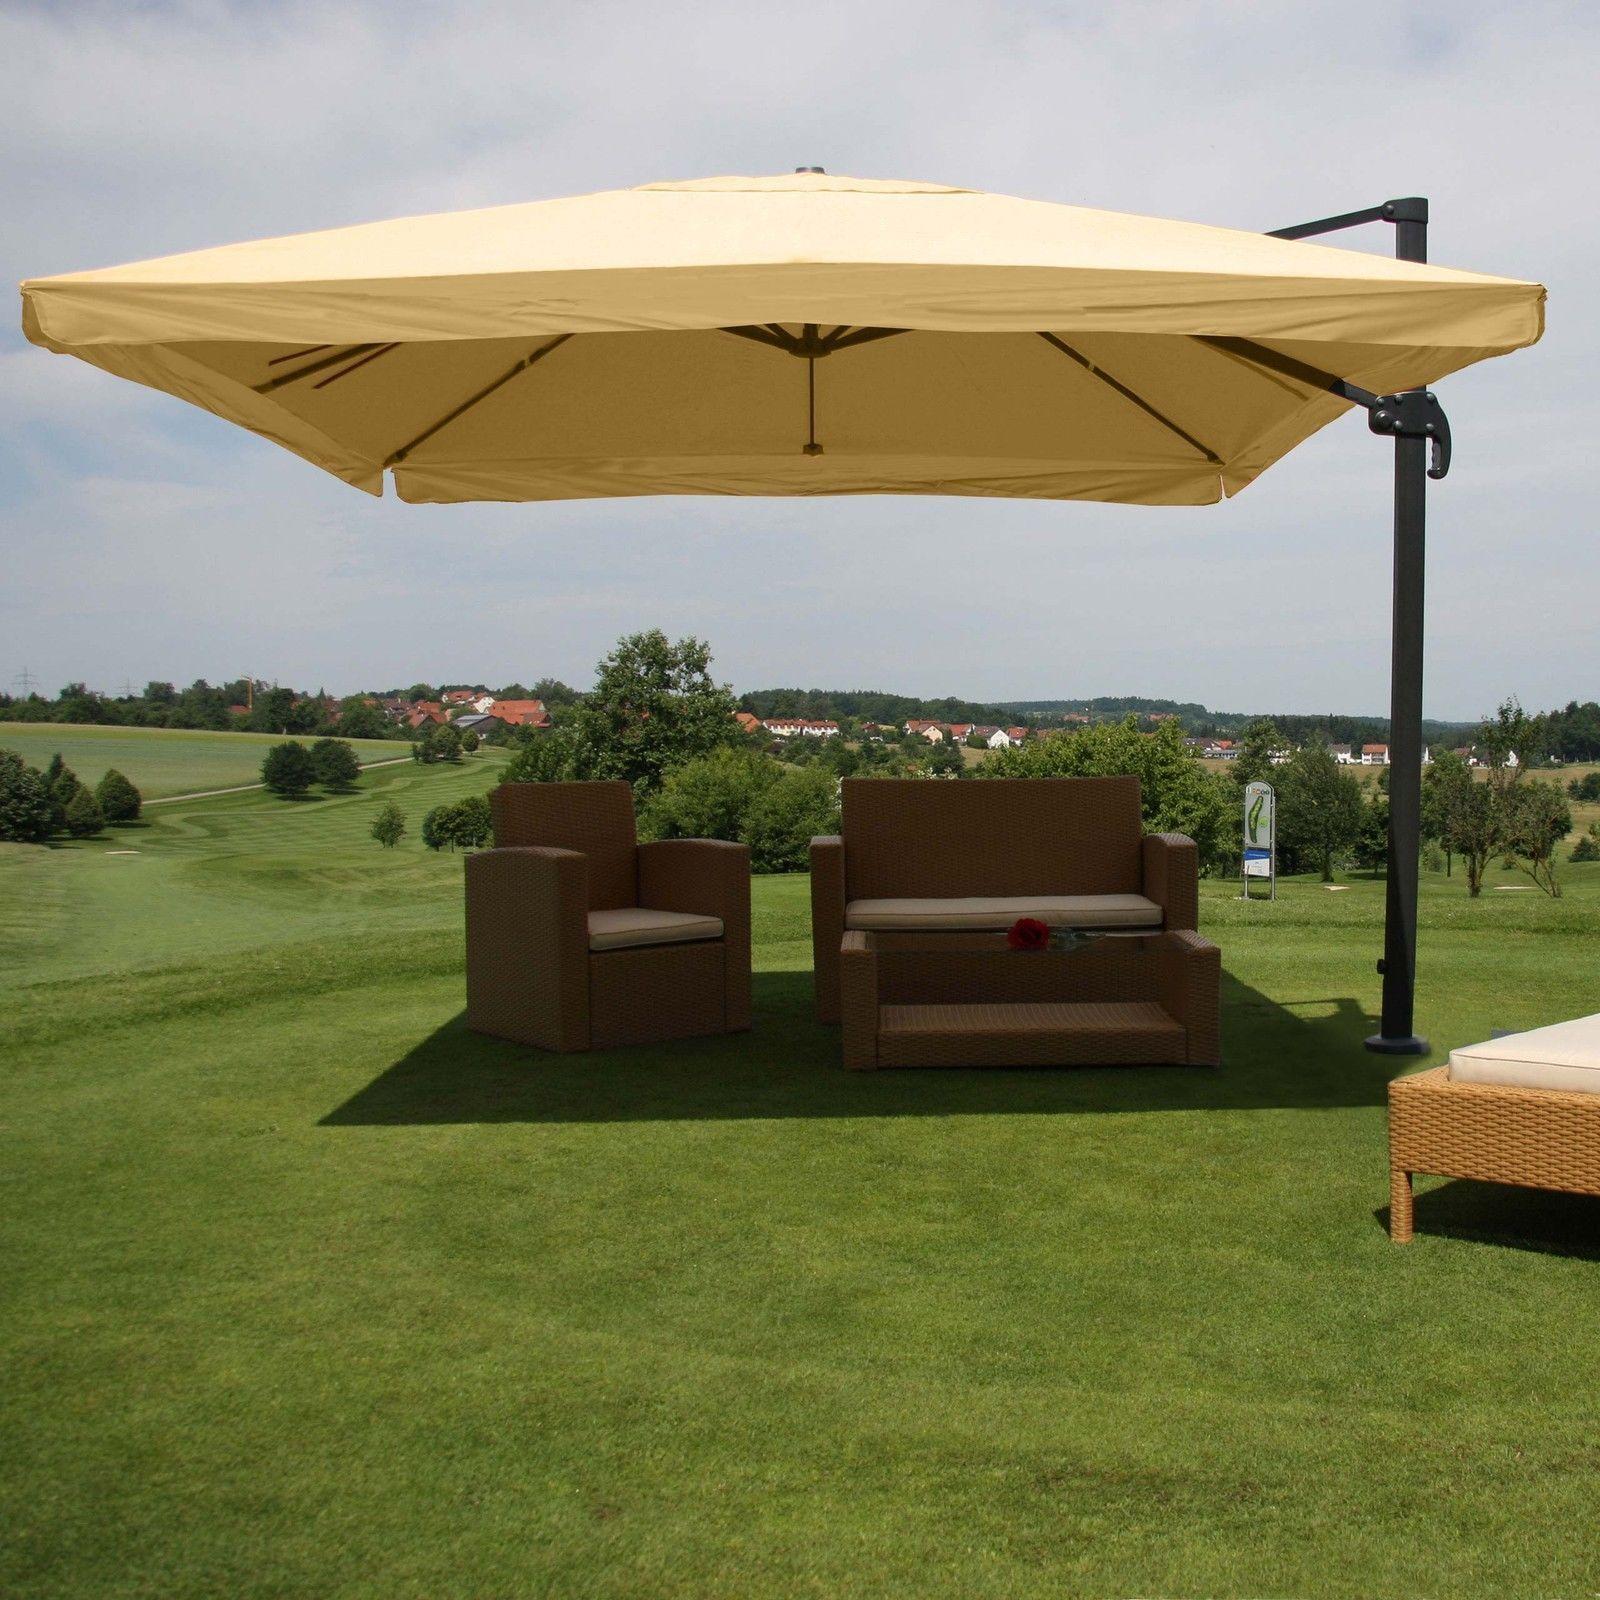 3x4 m Design Sonnenschirm Ampelschirm Gartenschirm 3m 4m Gastronomie MIT FLAP CREME